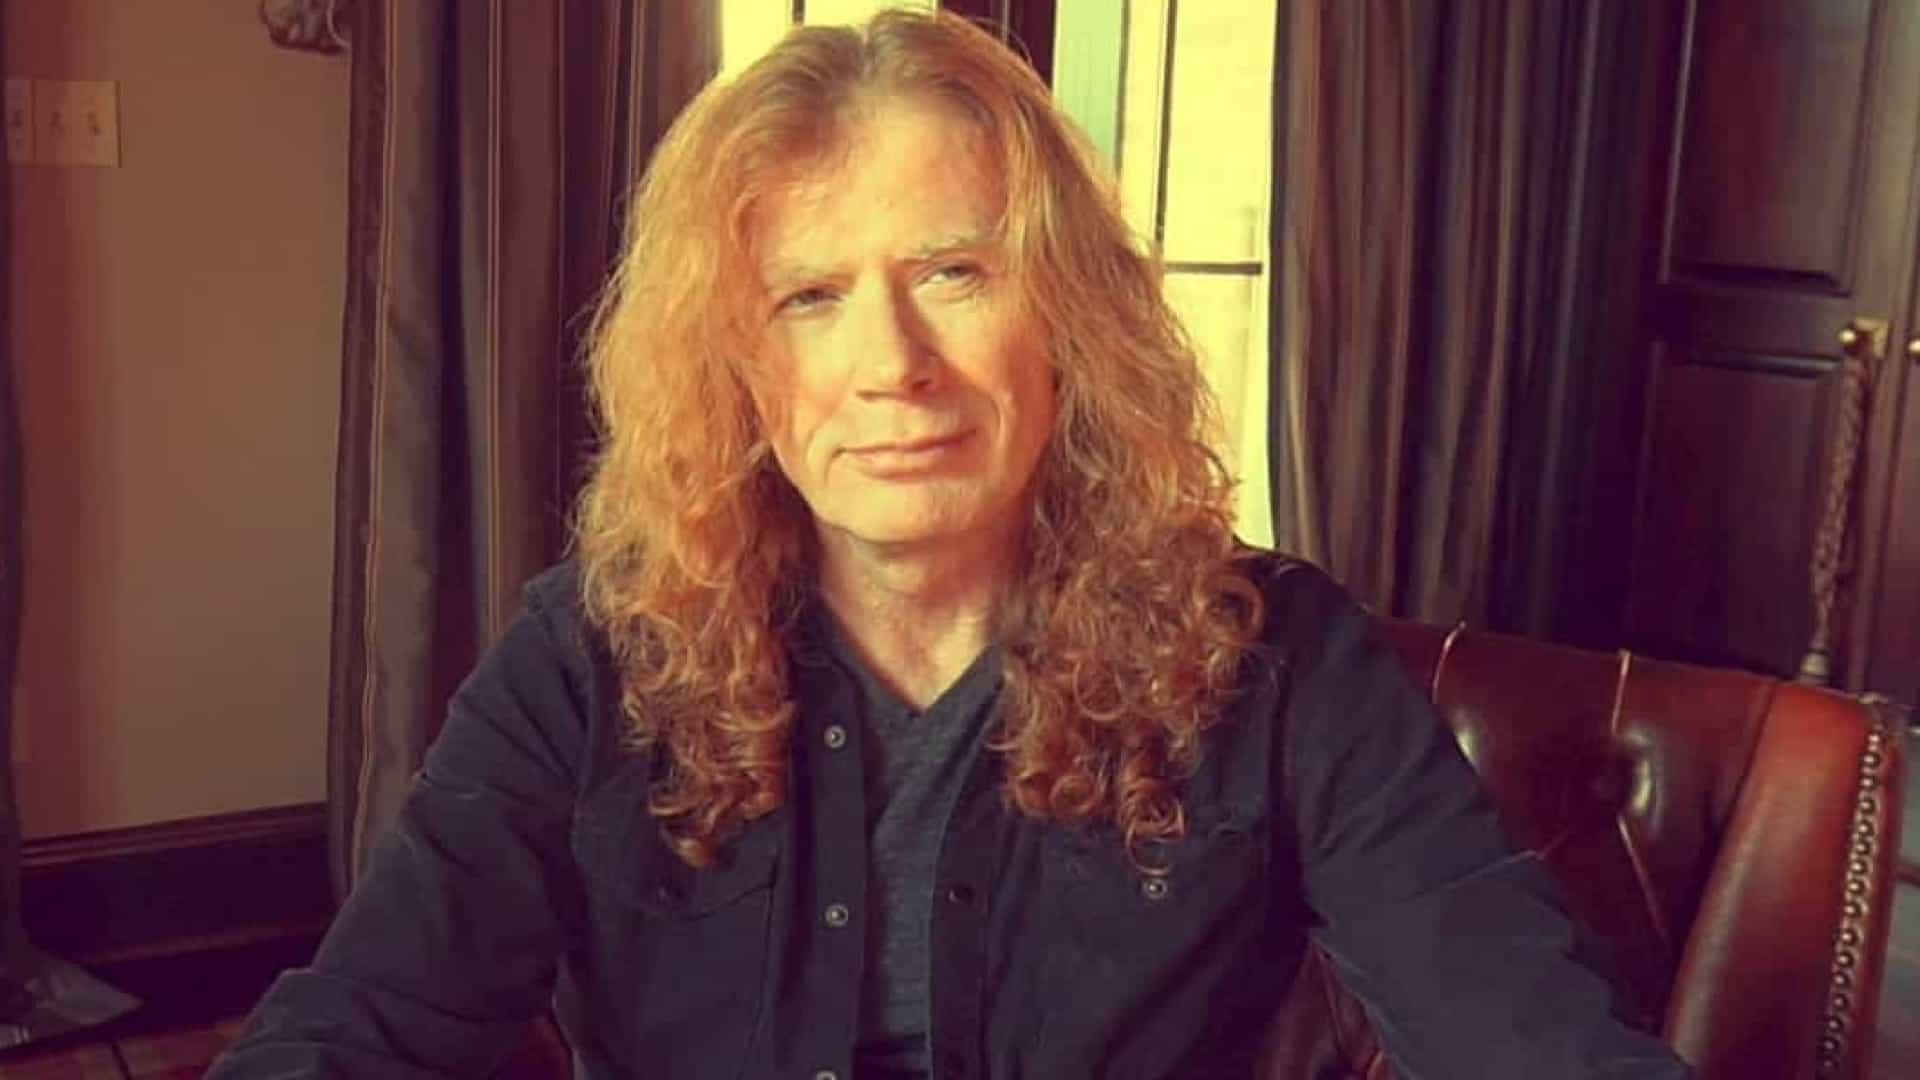 Dave Mustaine, vocalista da banda Megadeth, diagnosticado com cancro